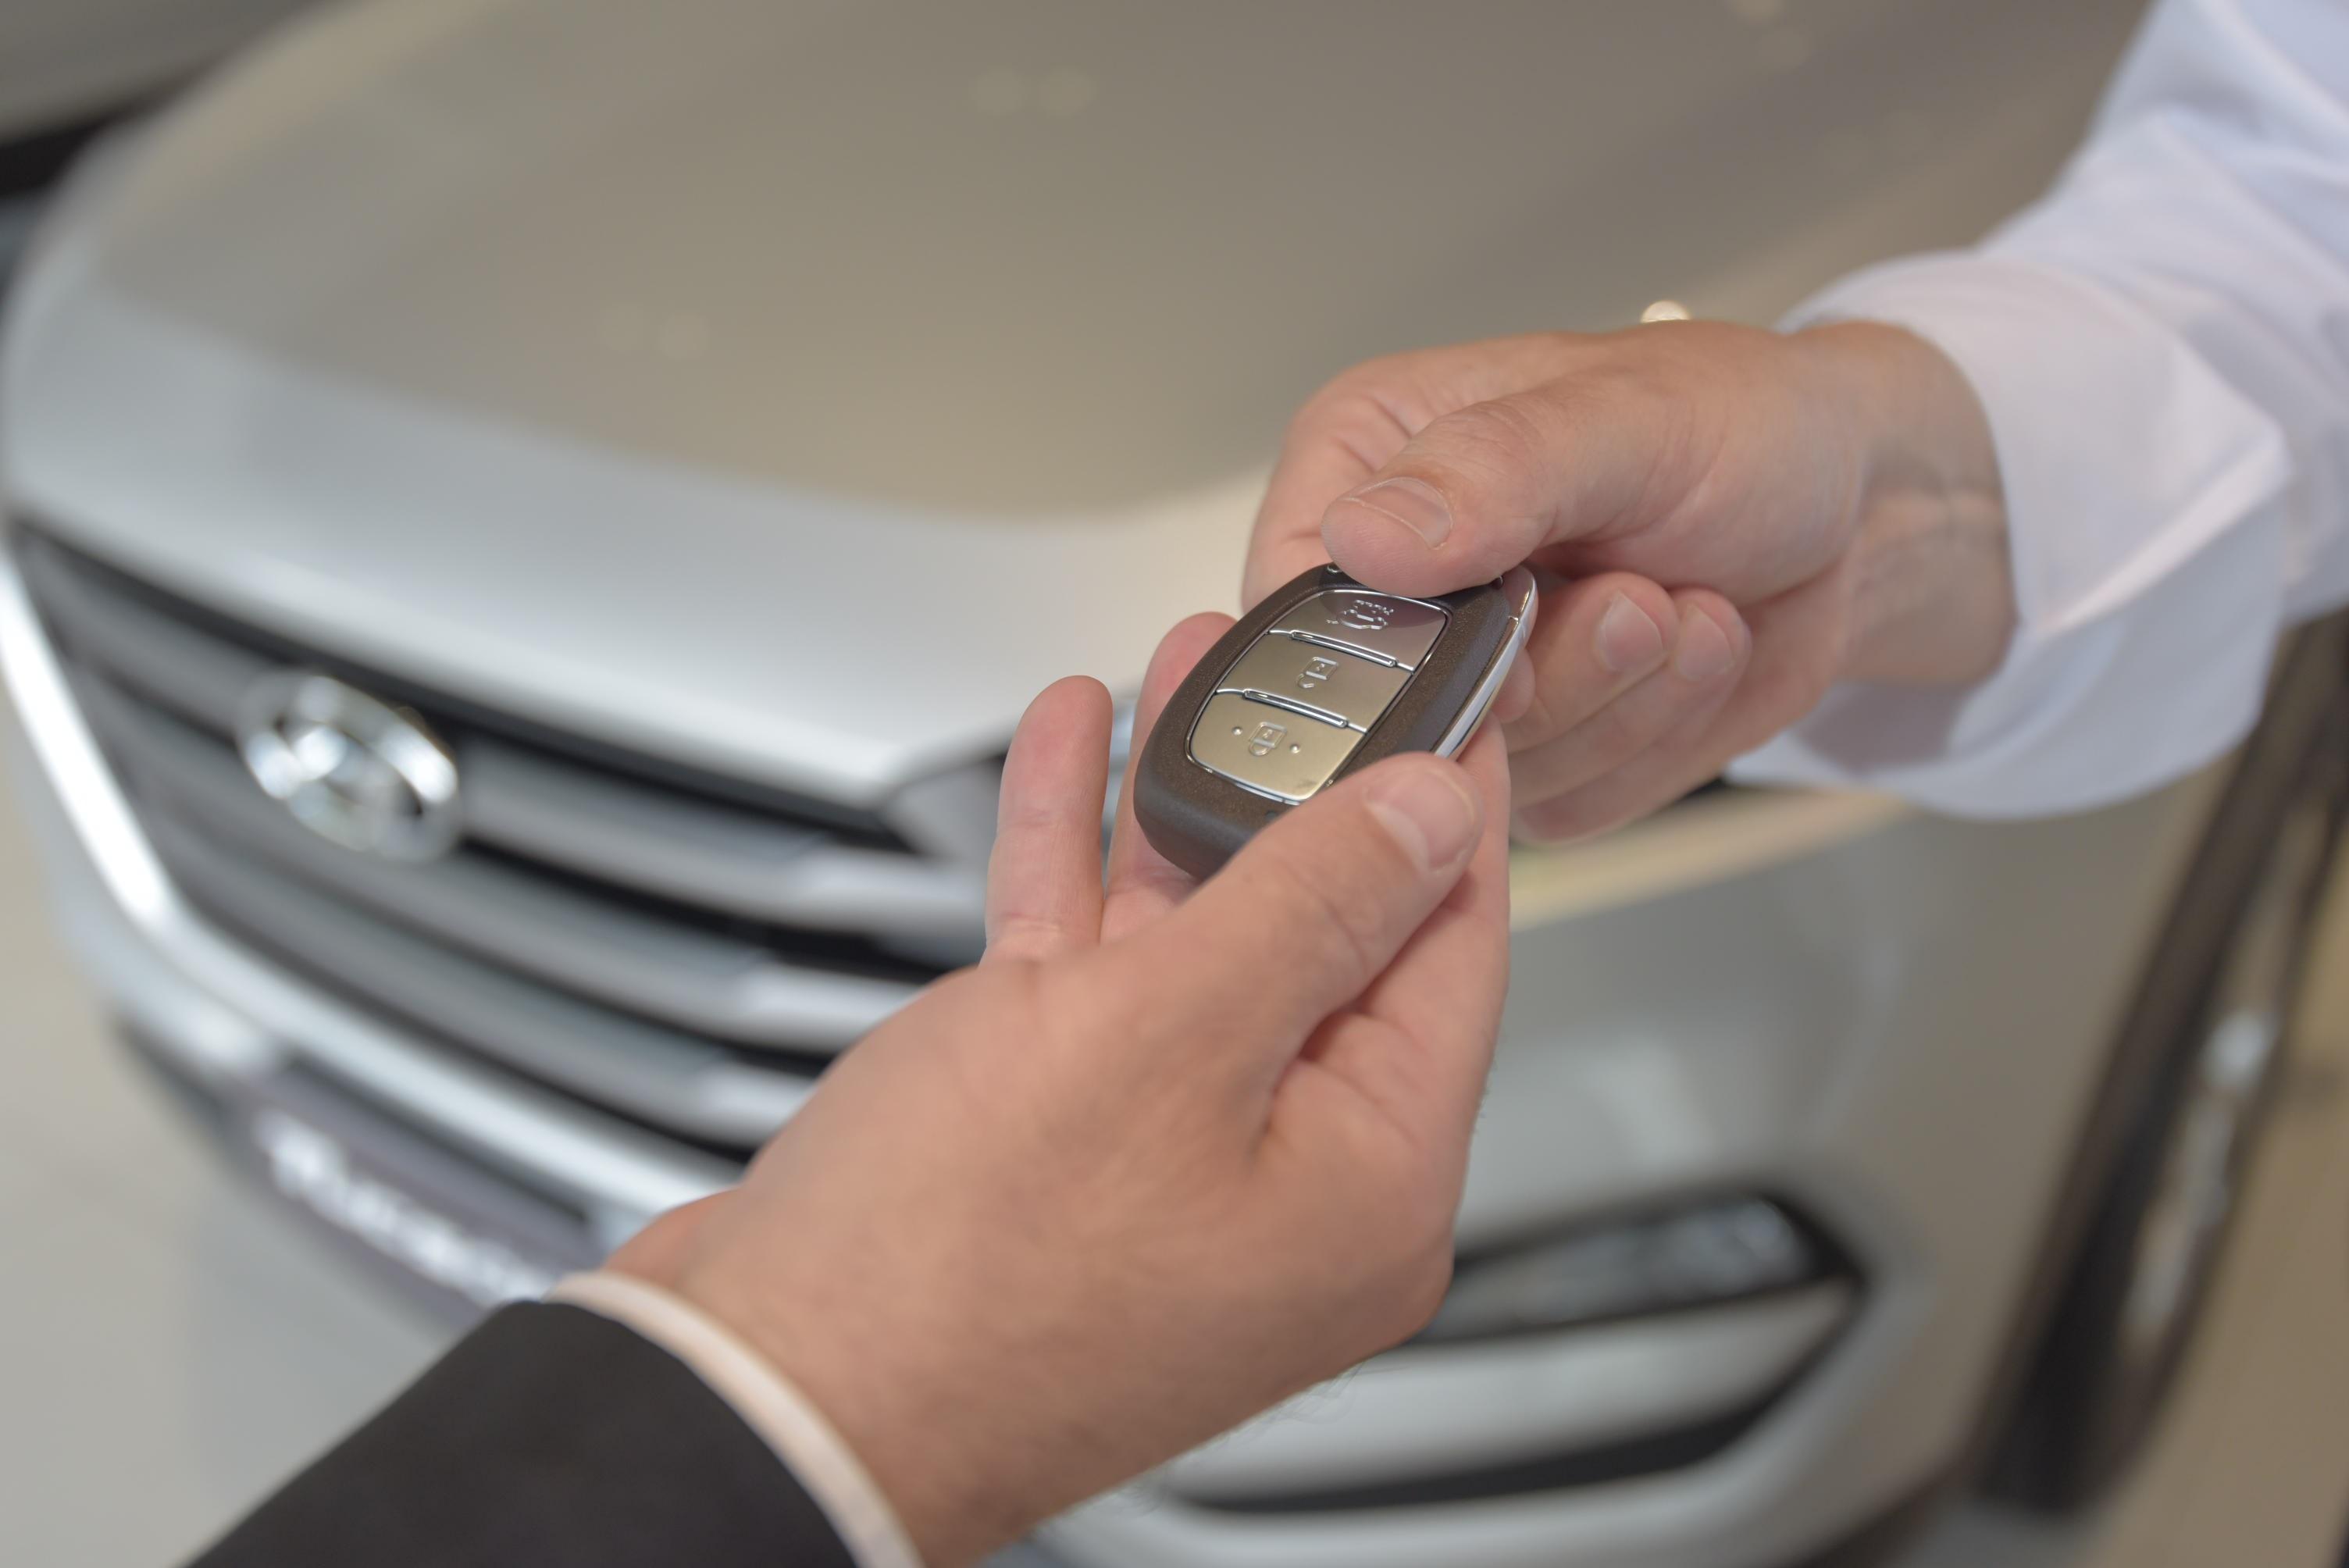 Vendedor entrega chave do carro para cliente